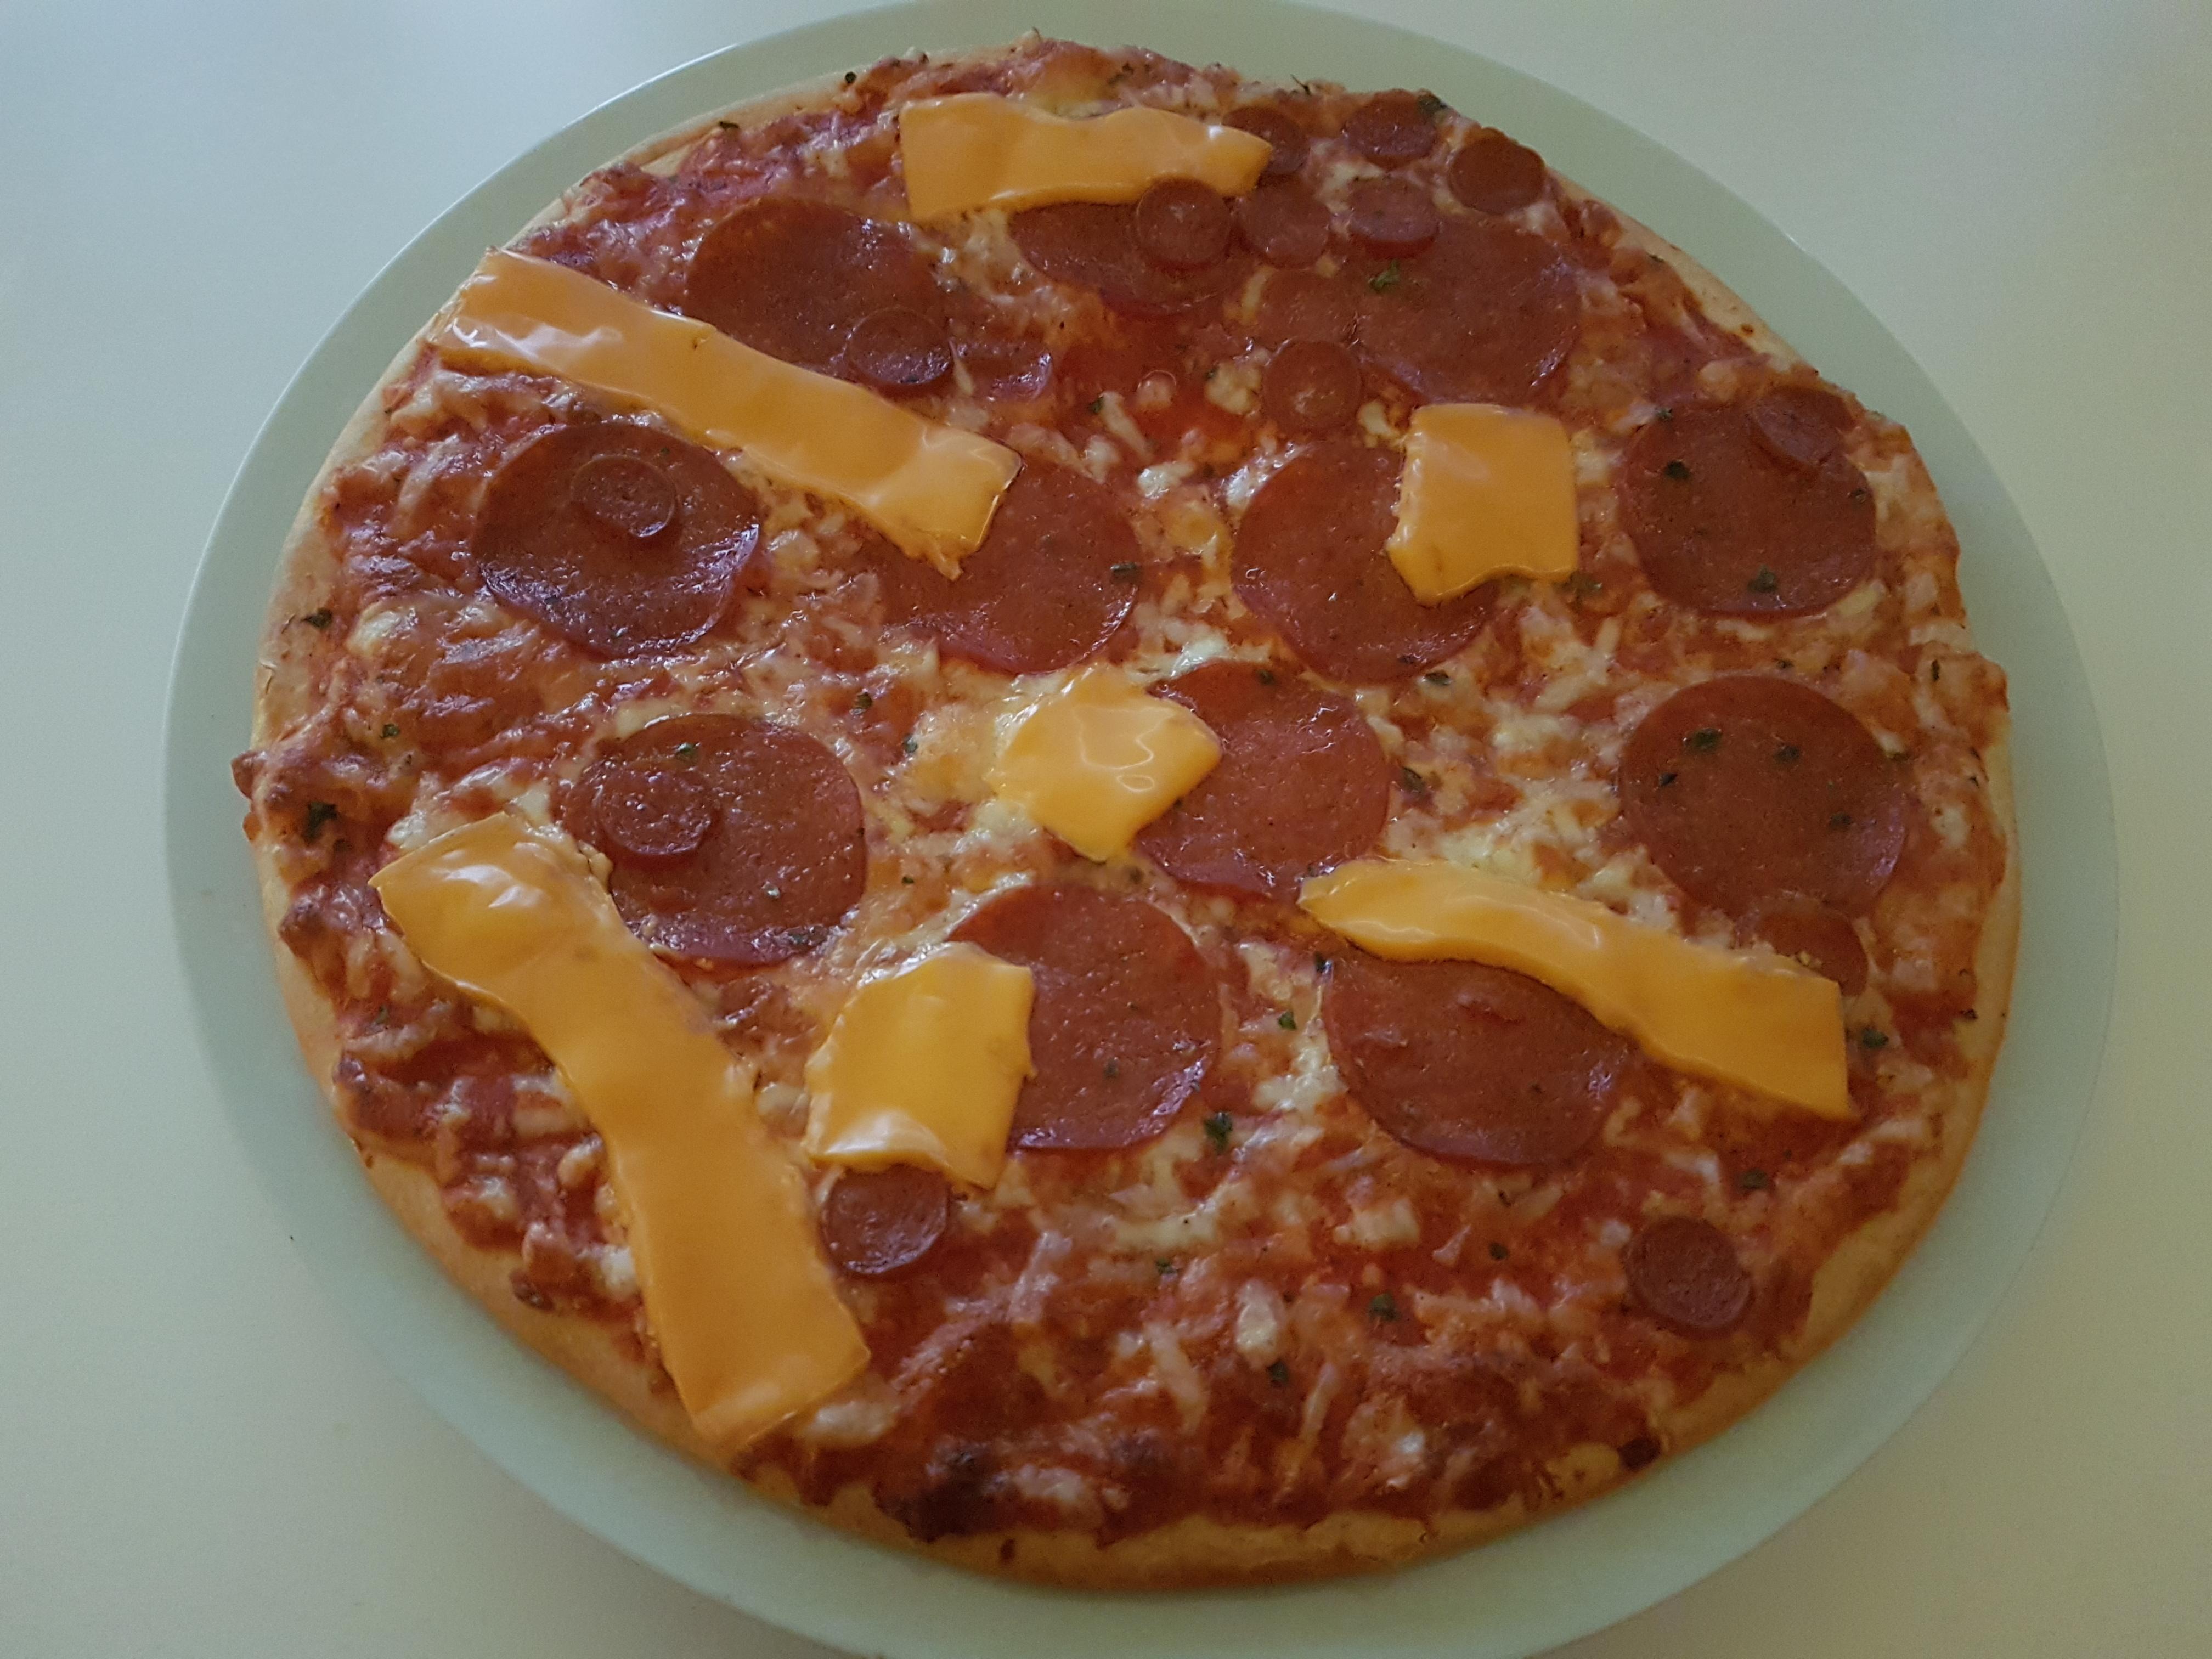 https://foodloader.net/Holz_2019-10-13_Pizza.jpg